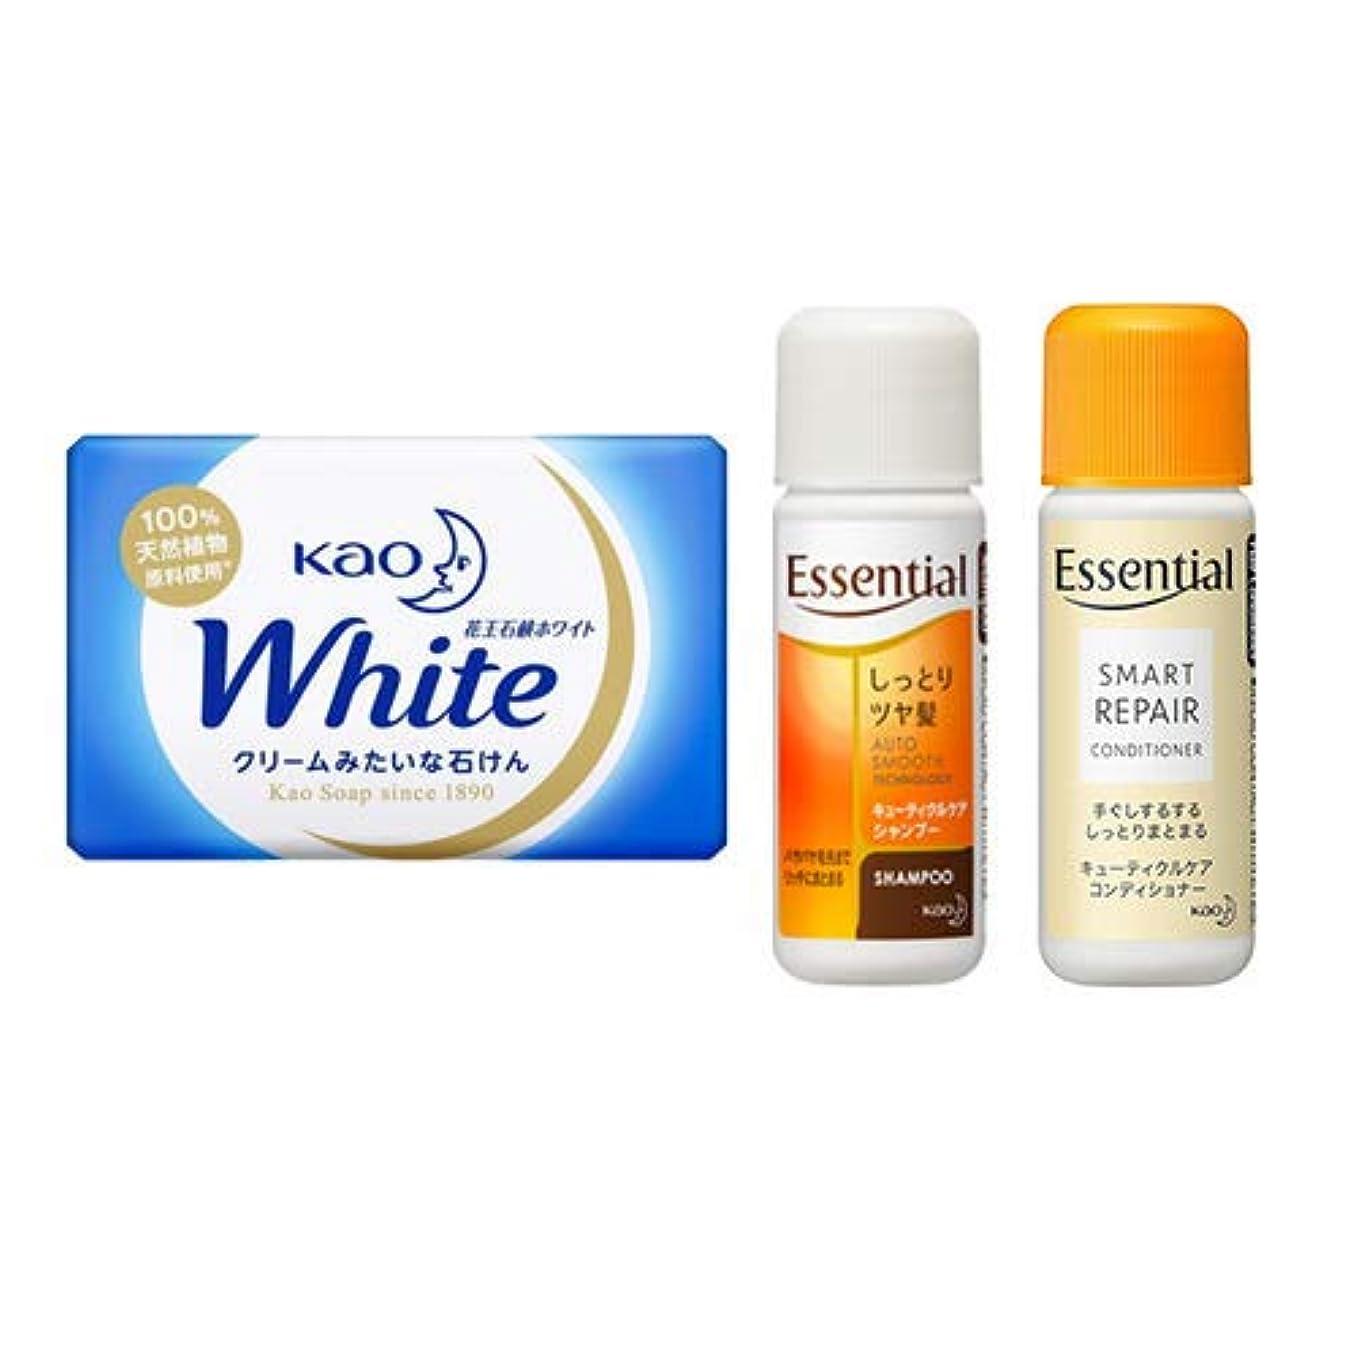 連邦主流韓国語花王(KAO) 石鹸ホワイト(Kao Soap White) 15g + エッセンシャルシャンプー 16ml + コンディショナー 16ml セット